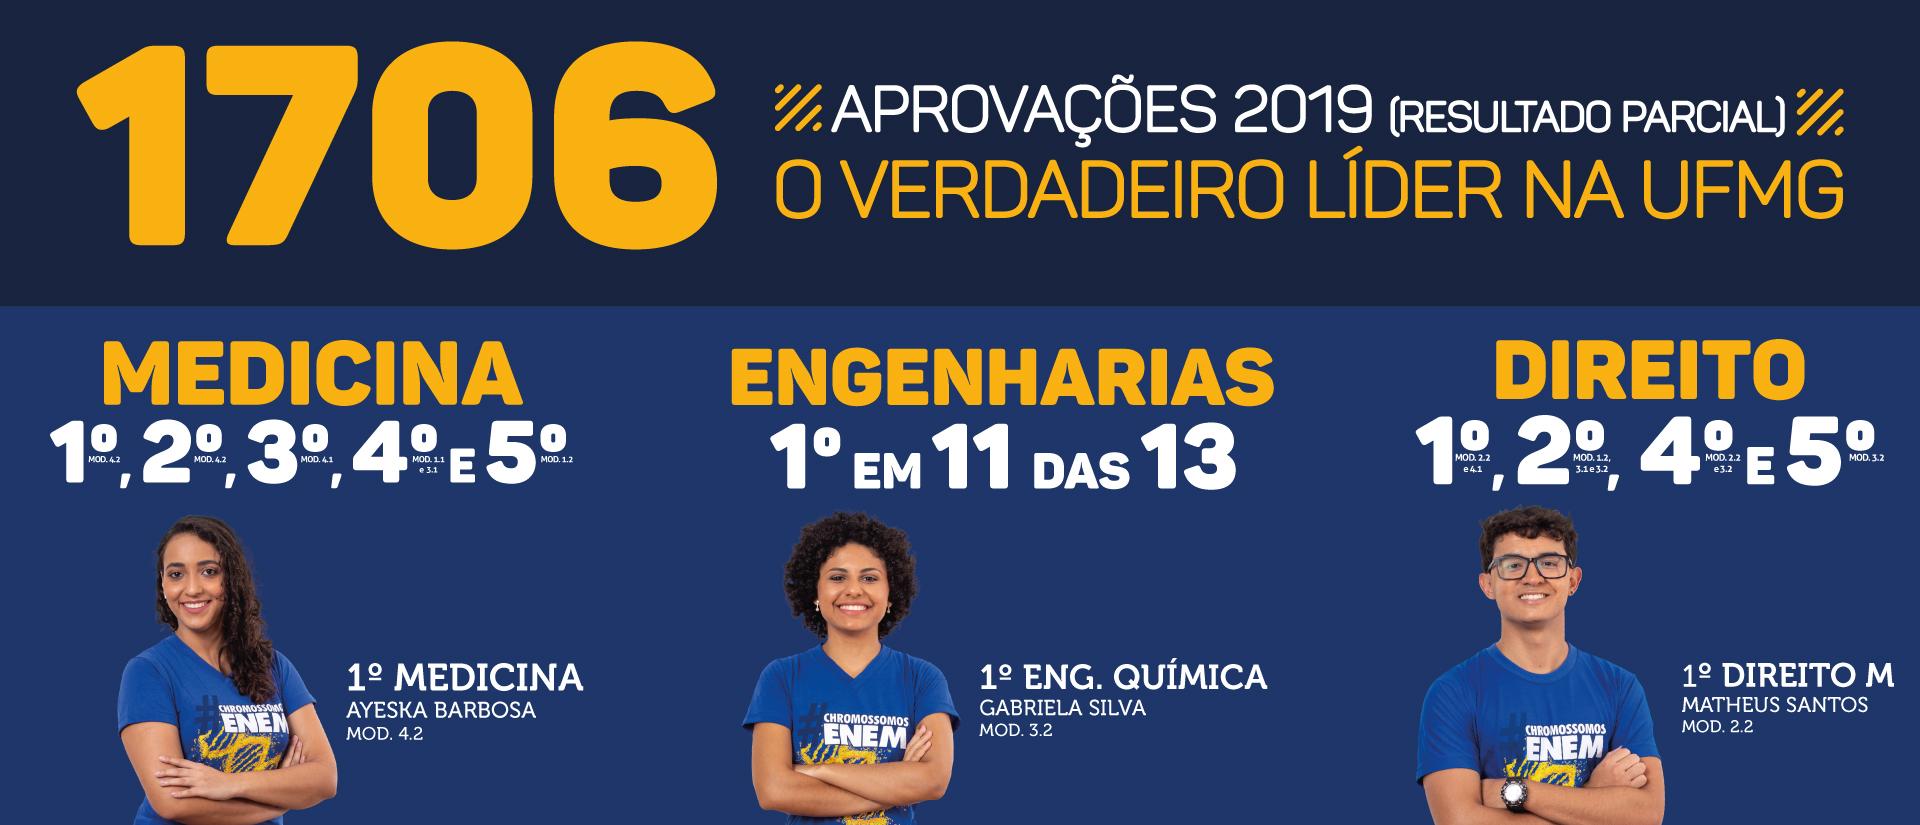 Banner-home-aprovados-UFMG